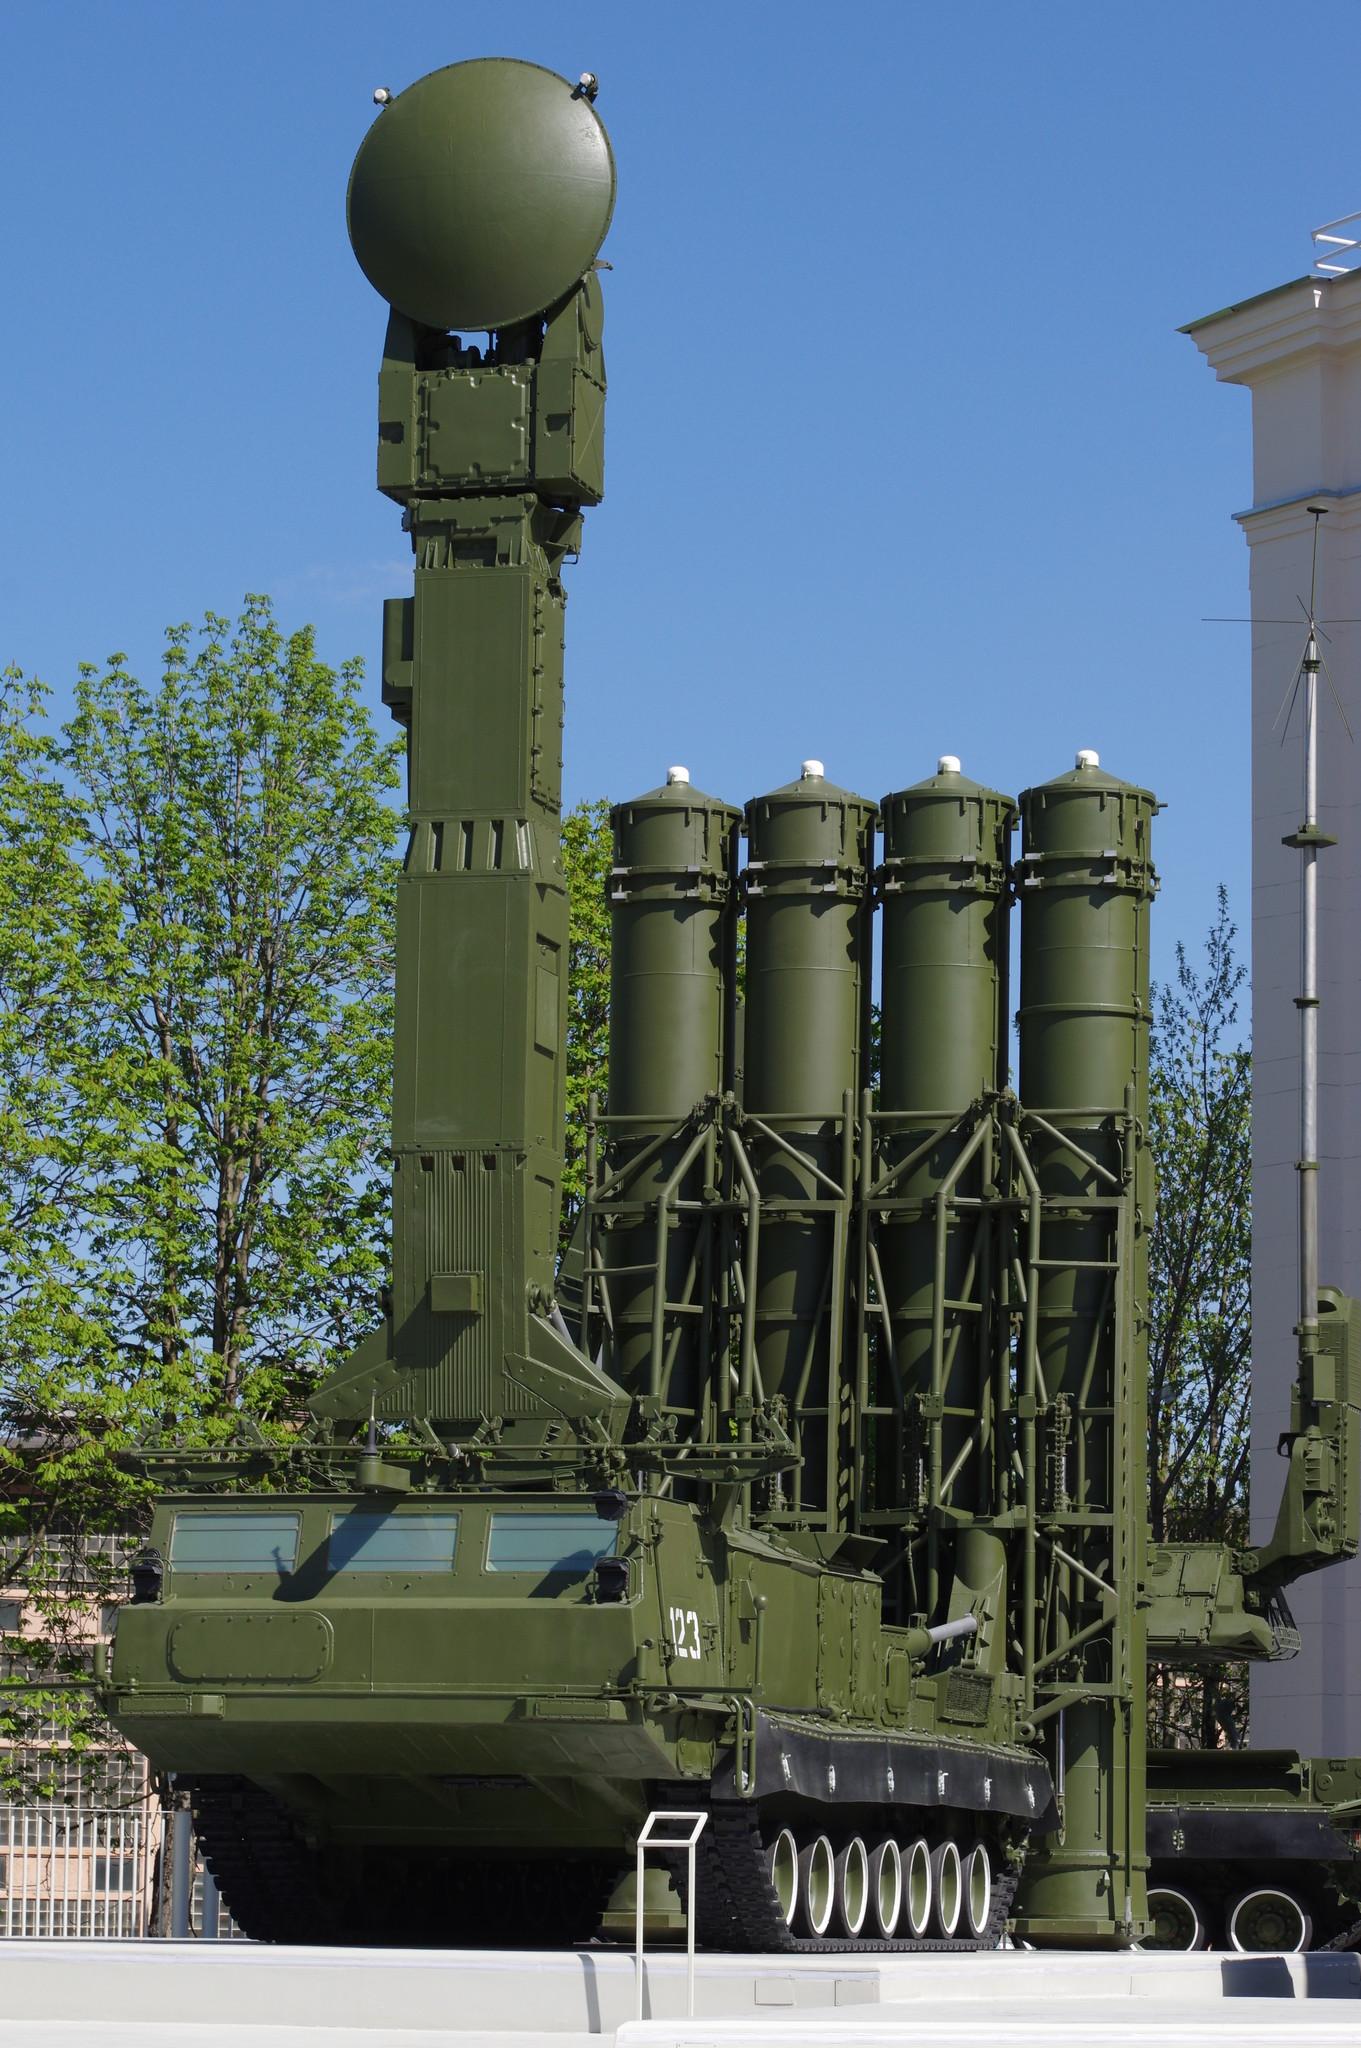 Зенитная ракетная система С-300В на открытой площадке обновляемой выставки вооружения и военной техники на ВДНХ